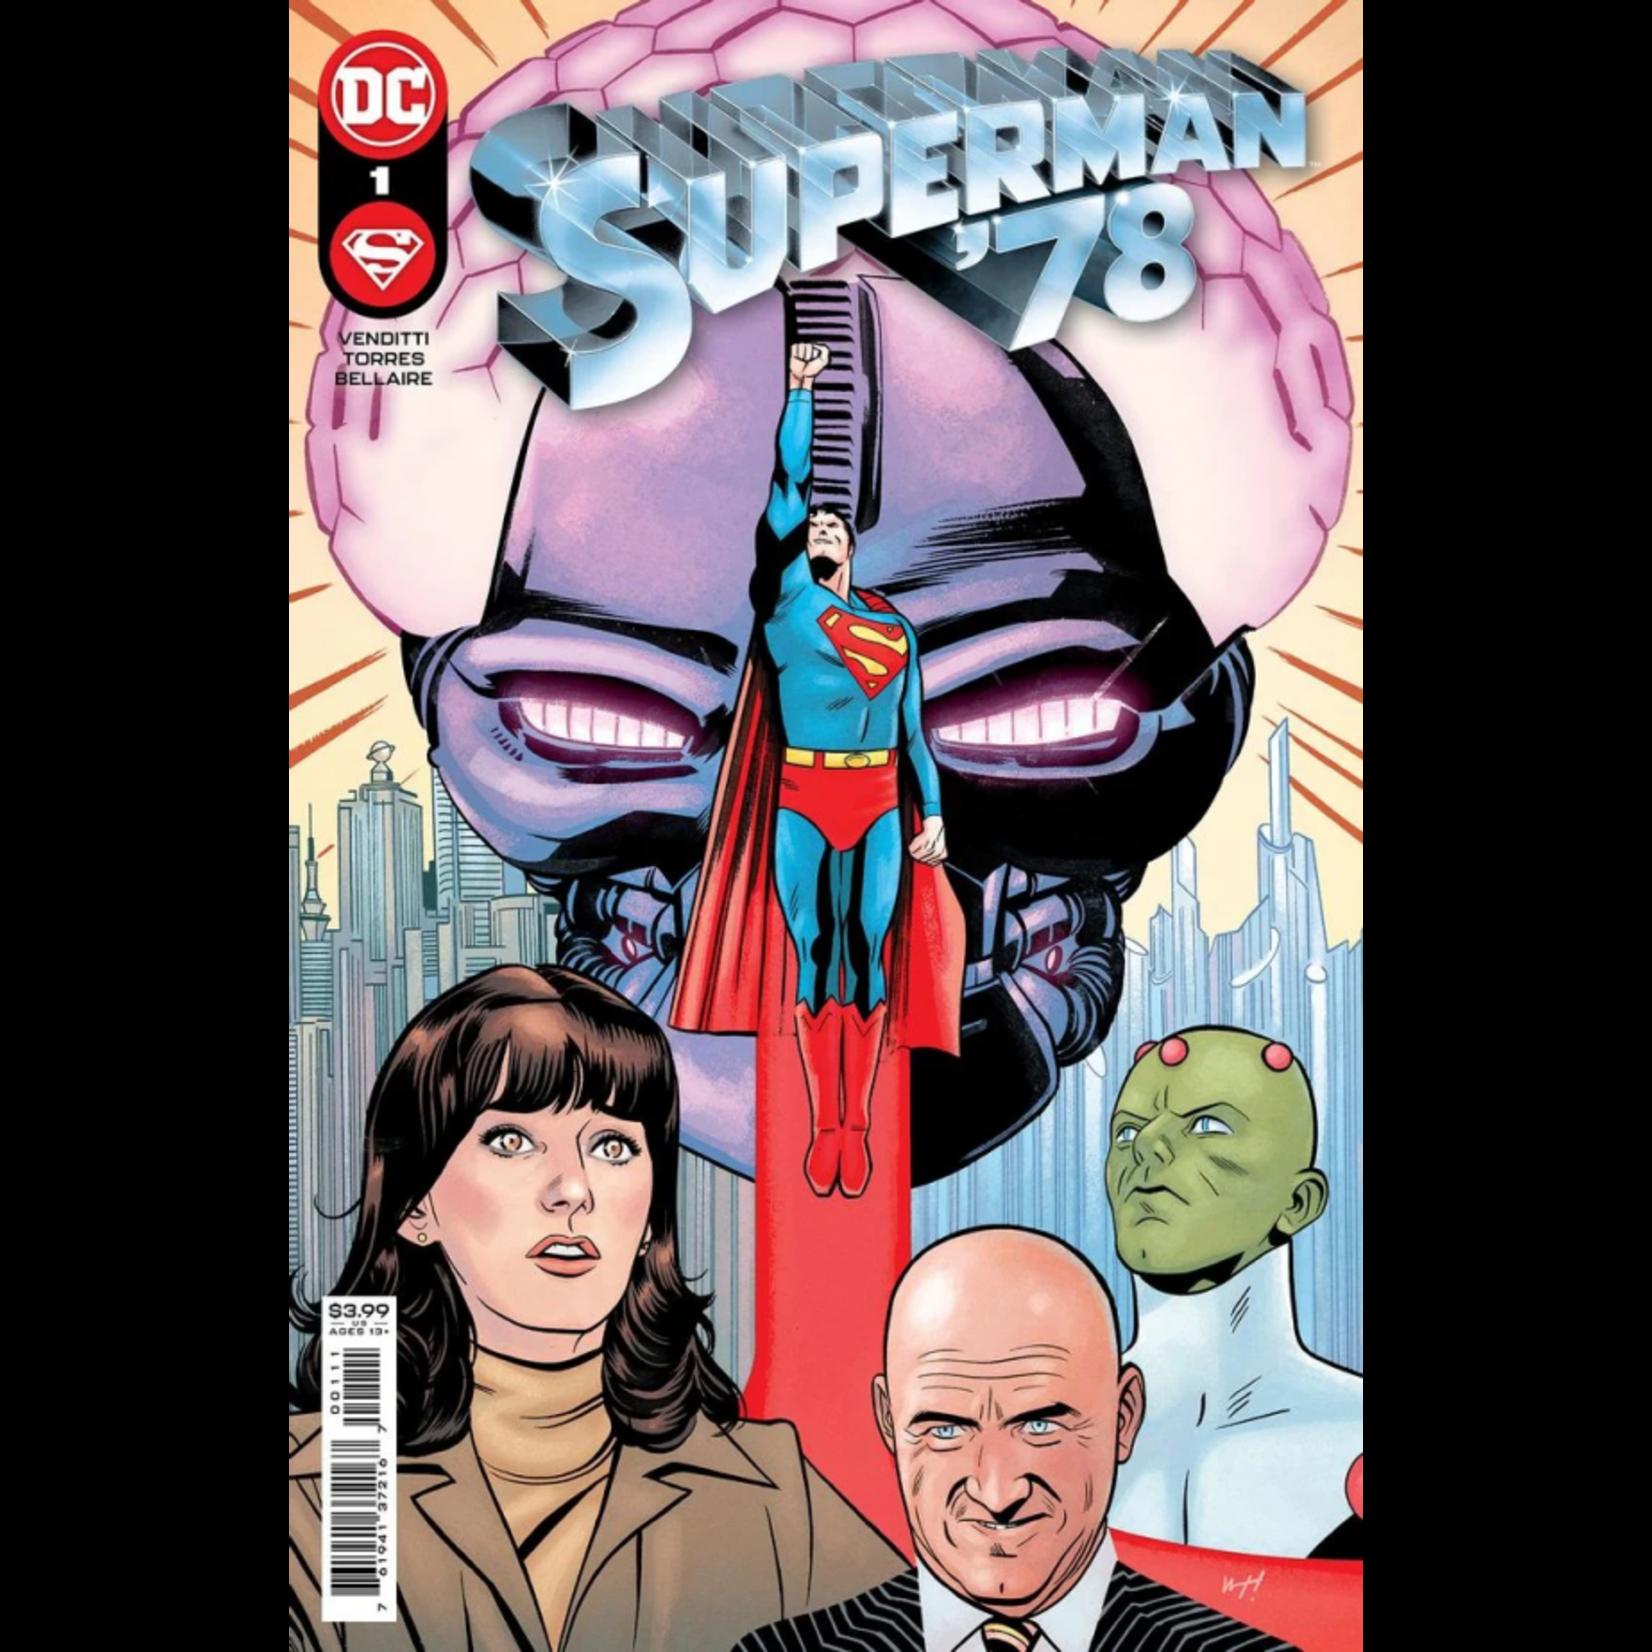 DC Comics Superman '78 #1